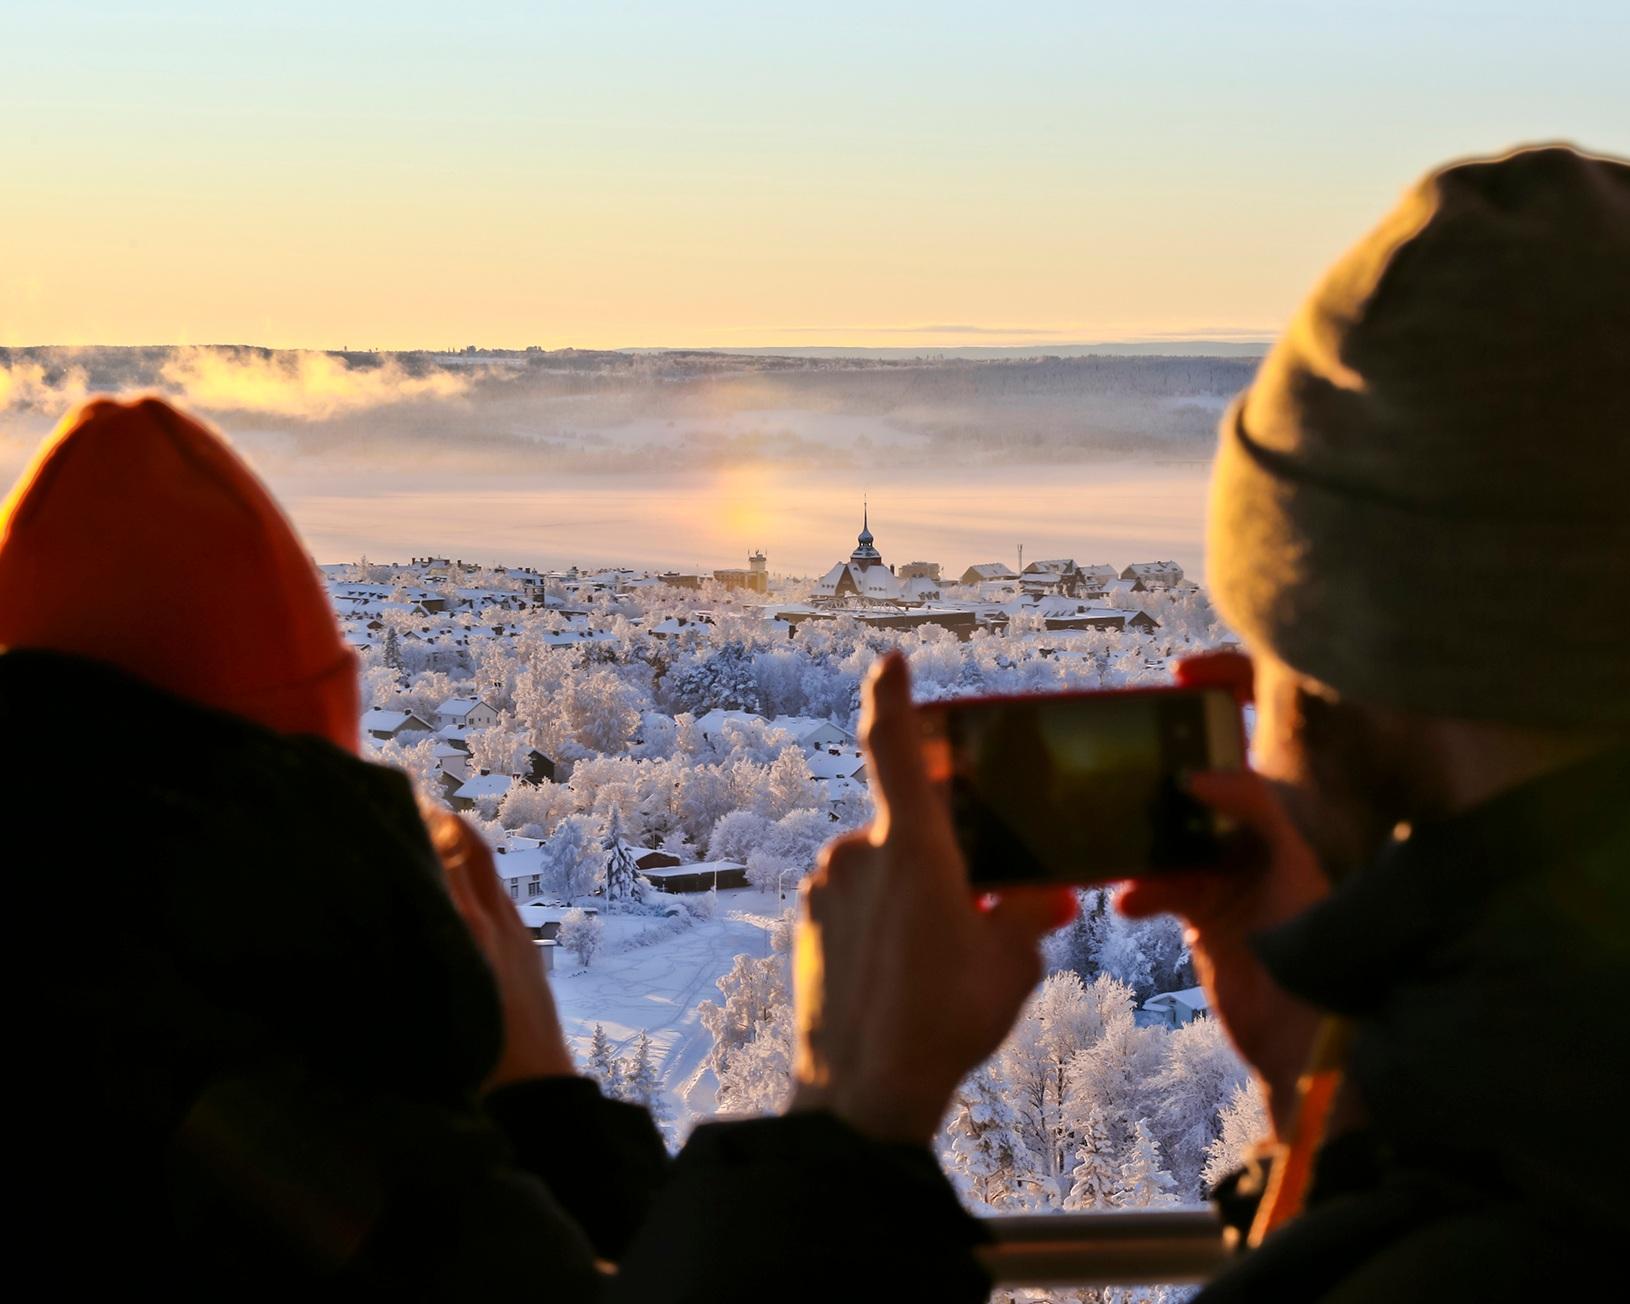 Vinterfotografer-+Foto+Roger+Strandberg.jpg